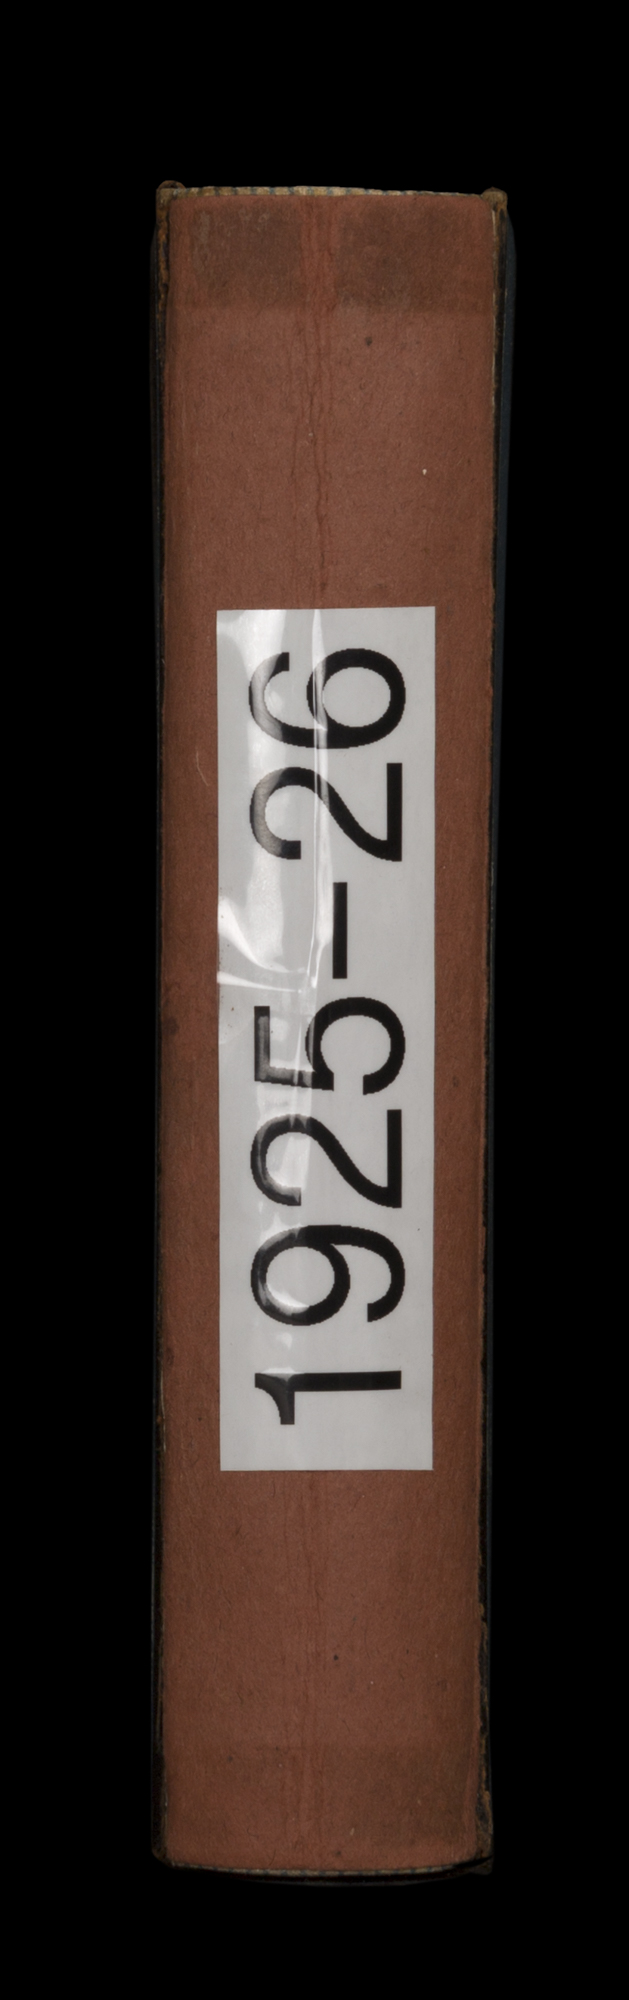 LAPO_ProgramBook_Spine_1925-1926.jpg